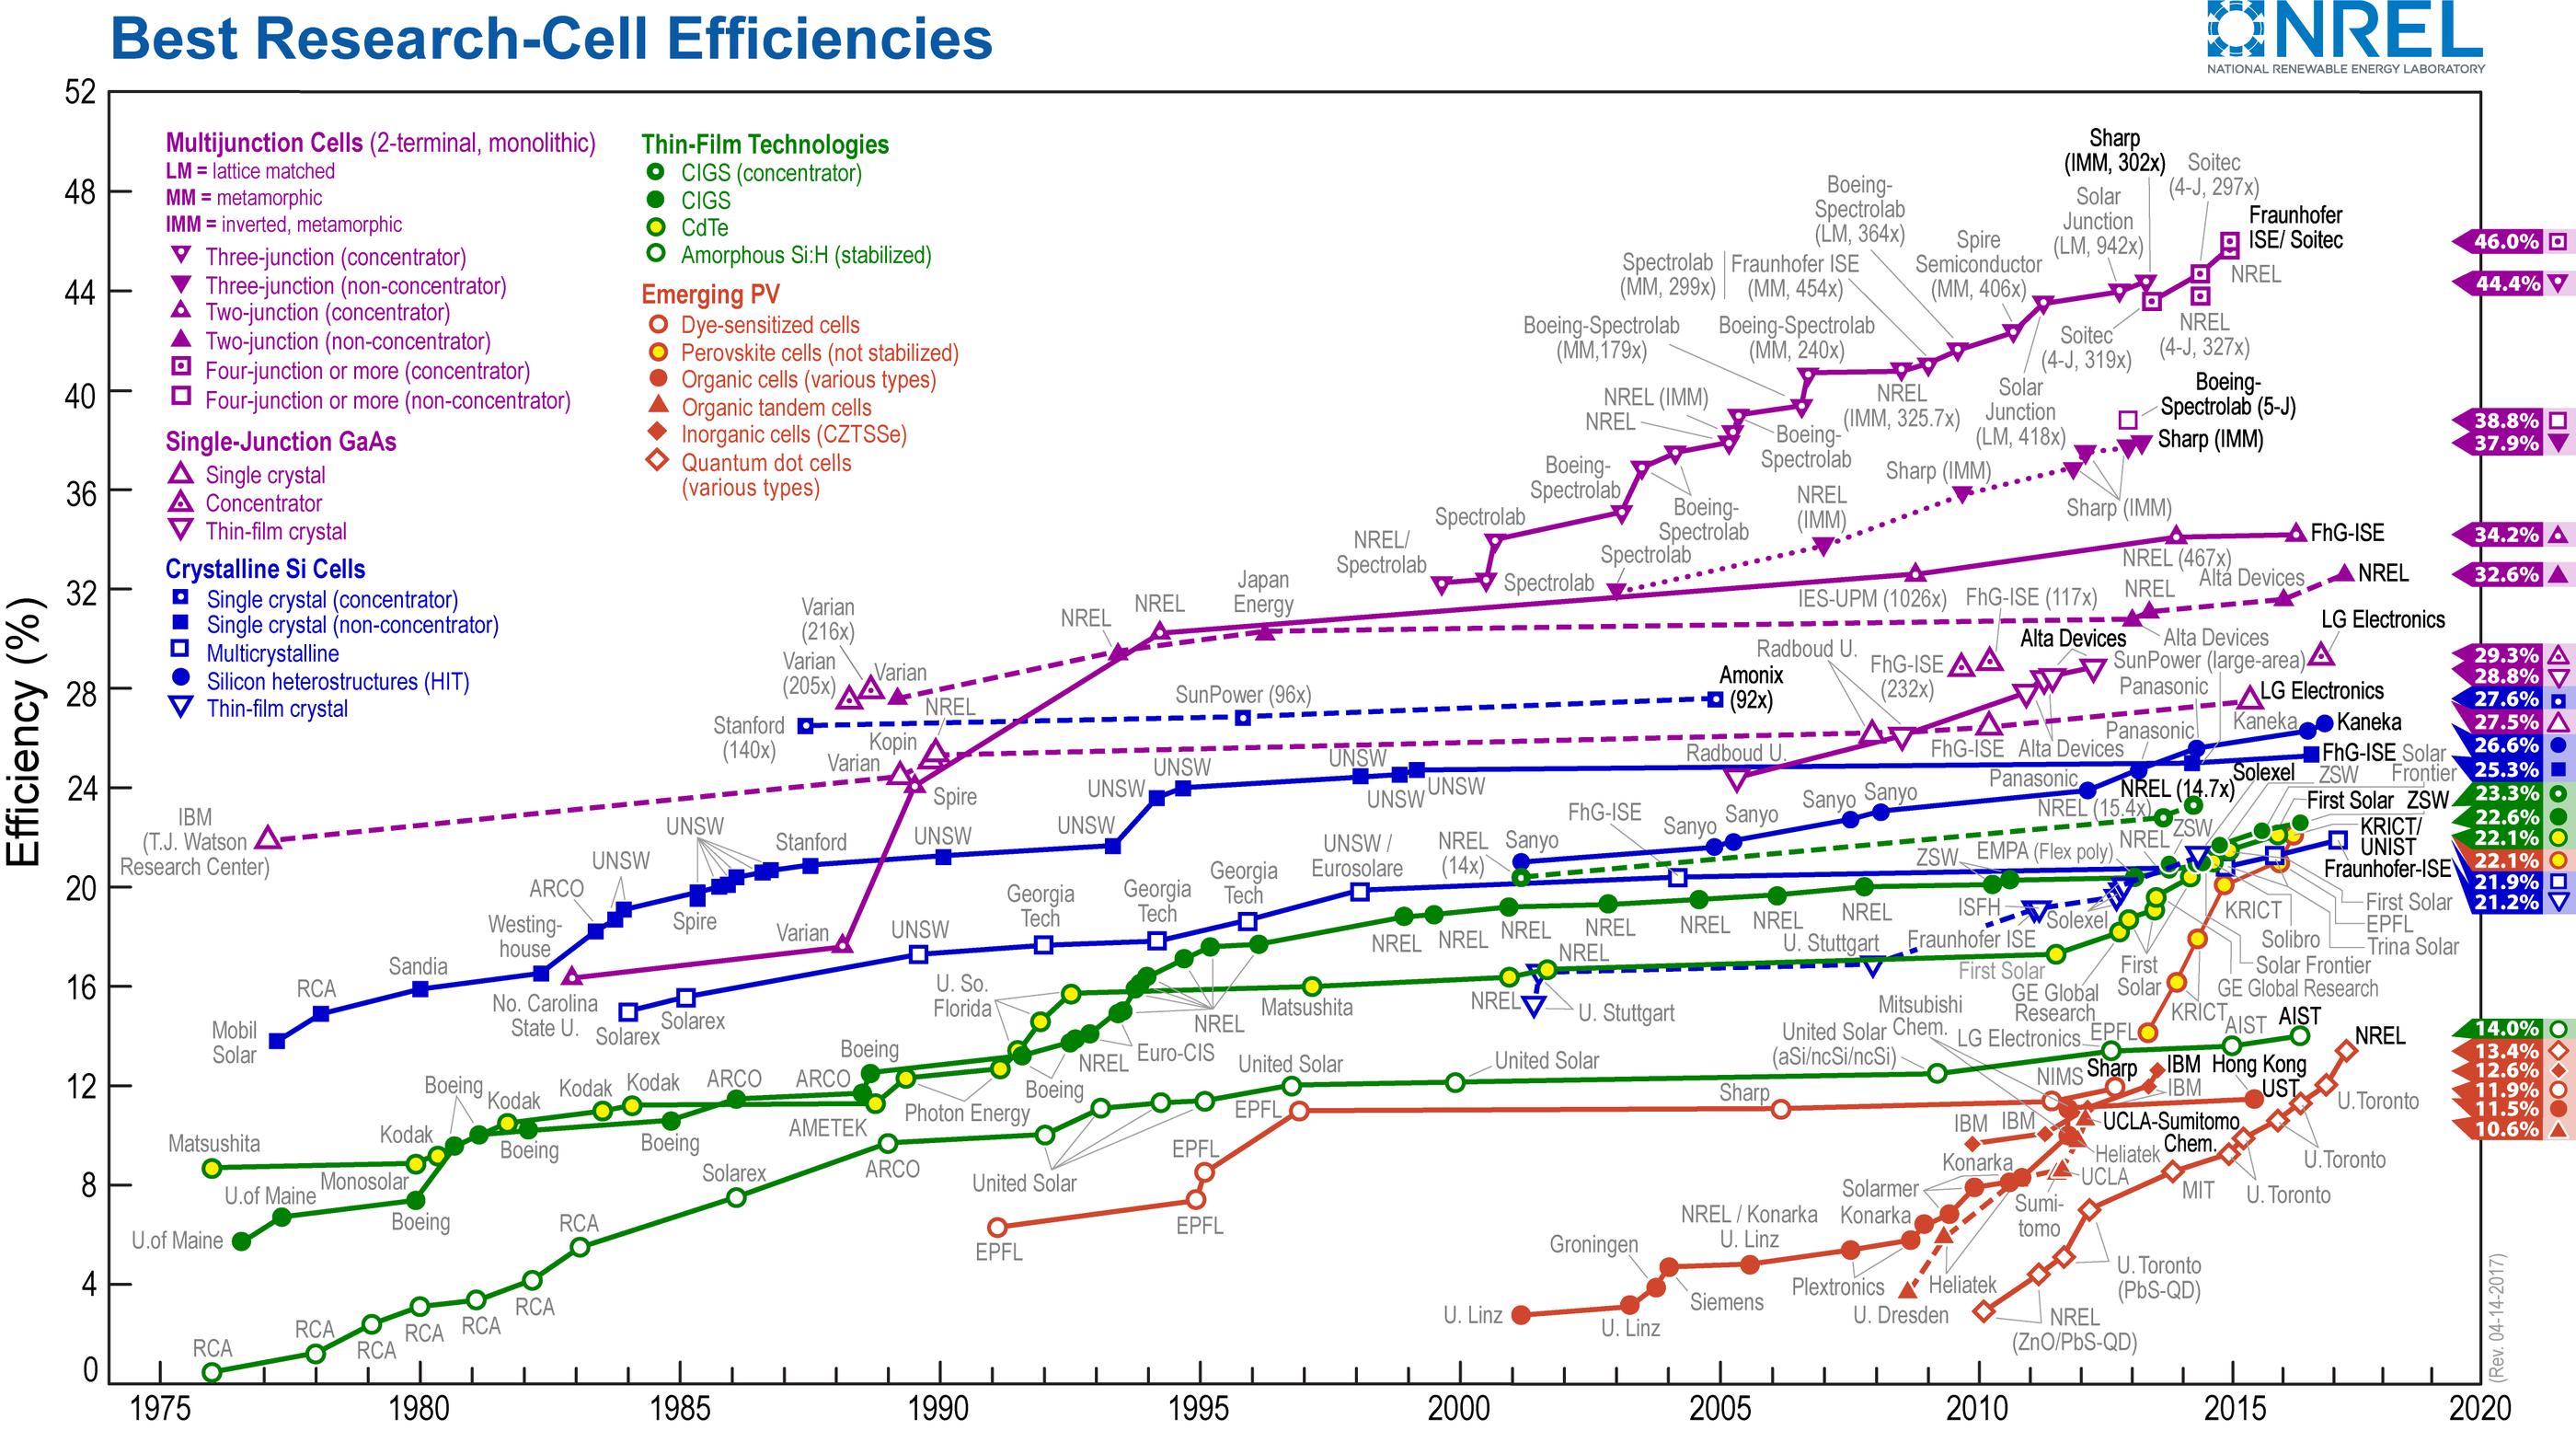 NREL PV Efficiencies